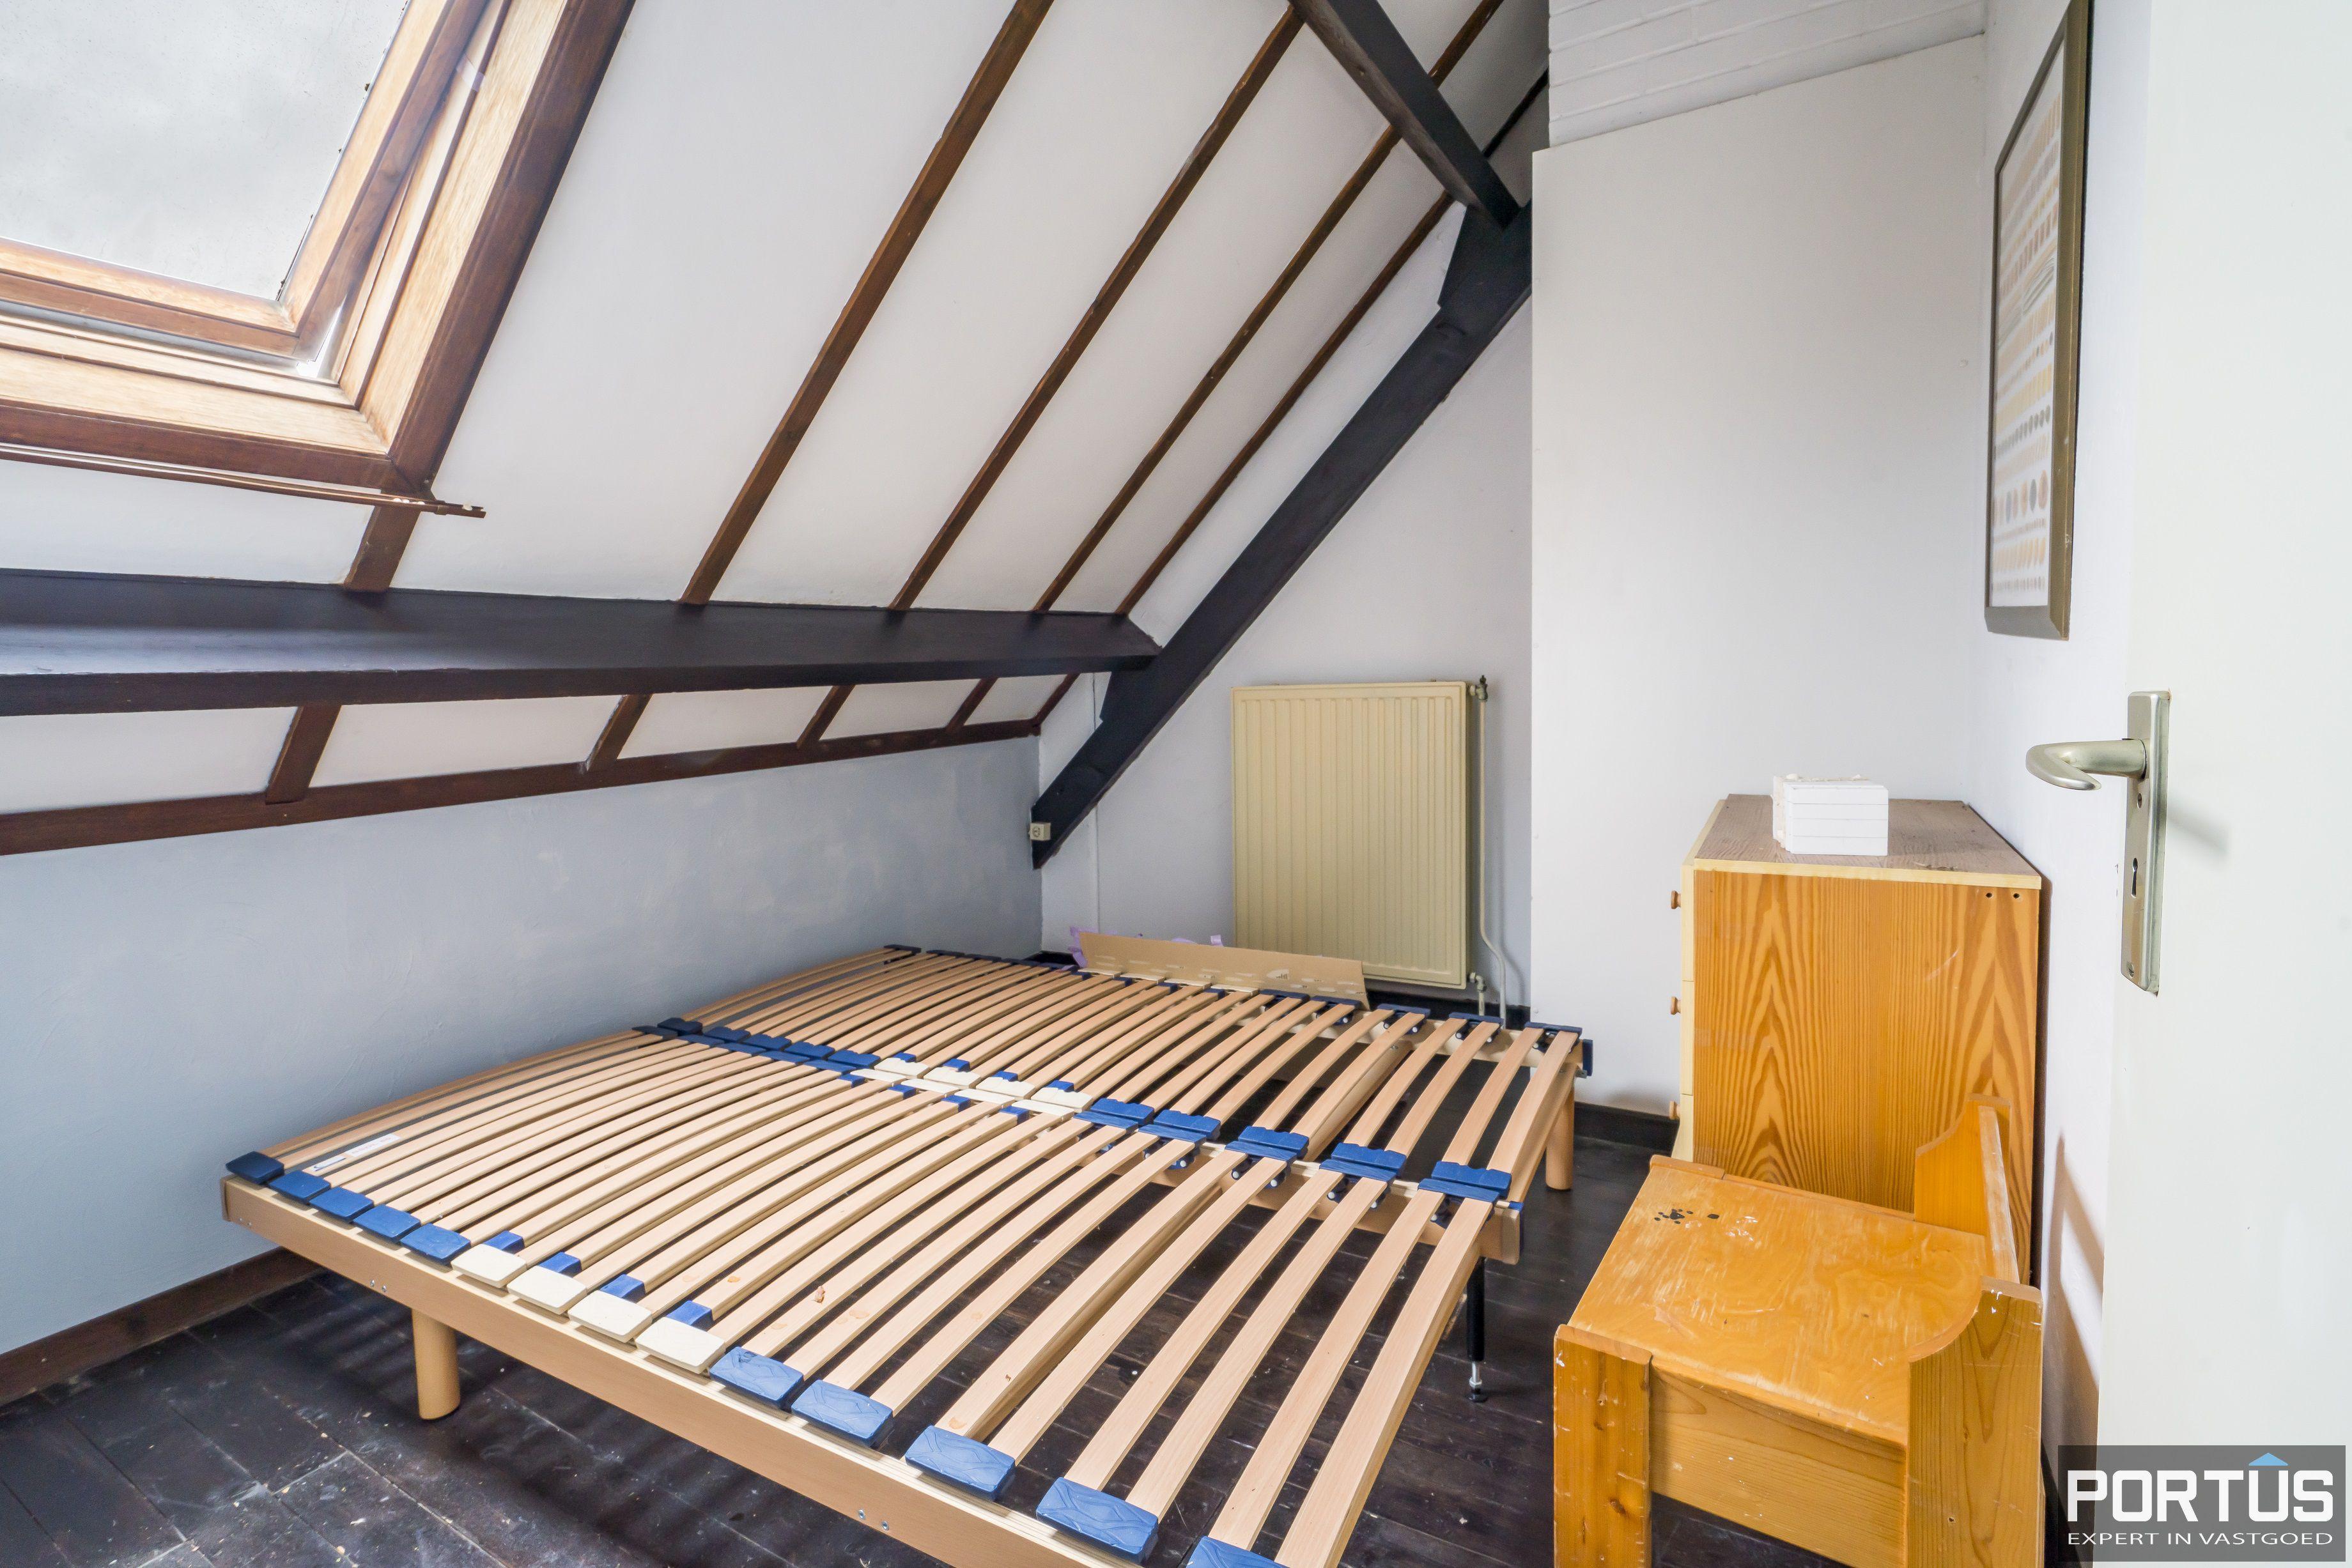 Woning te koop met 4 slaapkamers en parking - 11727